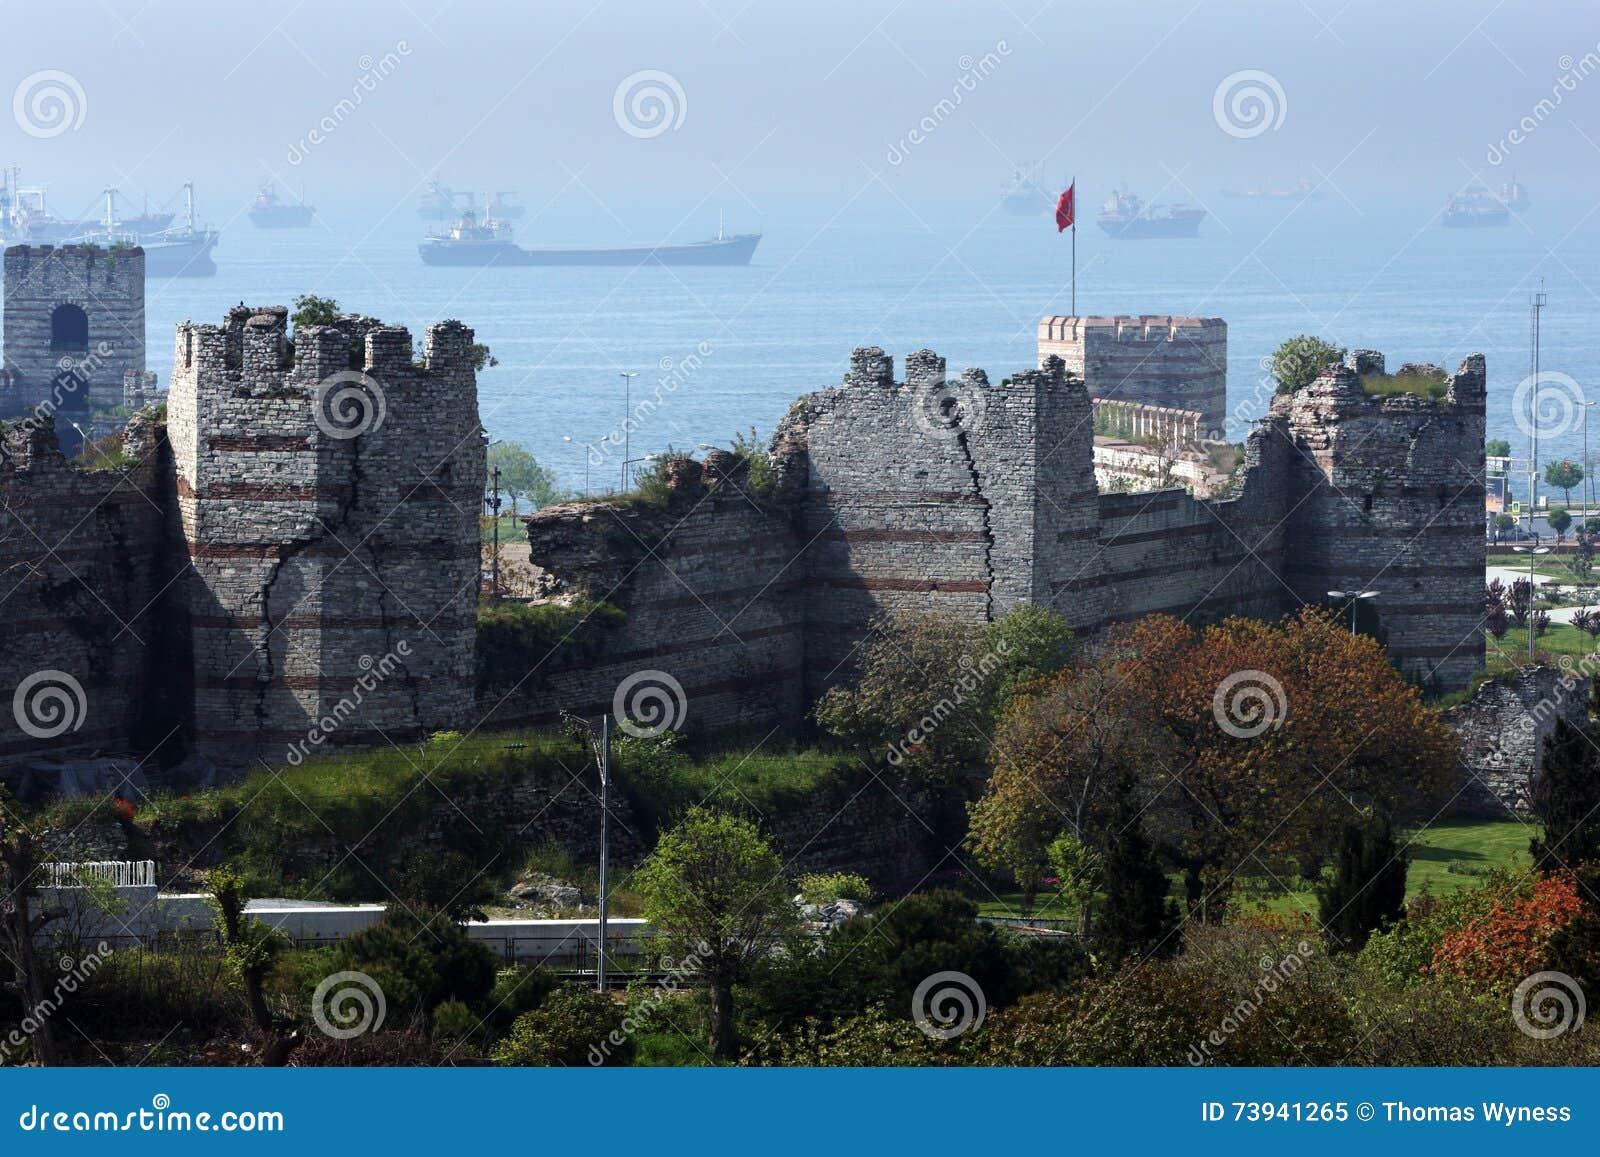 Ein Abschnitt der großen Stadtmauern und der Türme BC errichtet während des Ende des 4. Jahrhunderts um Istanbul in der Türkei